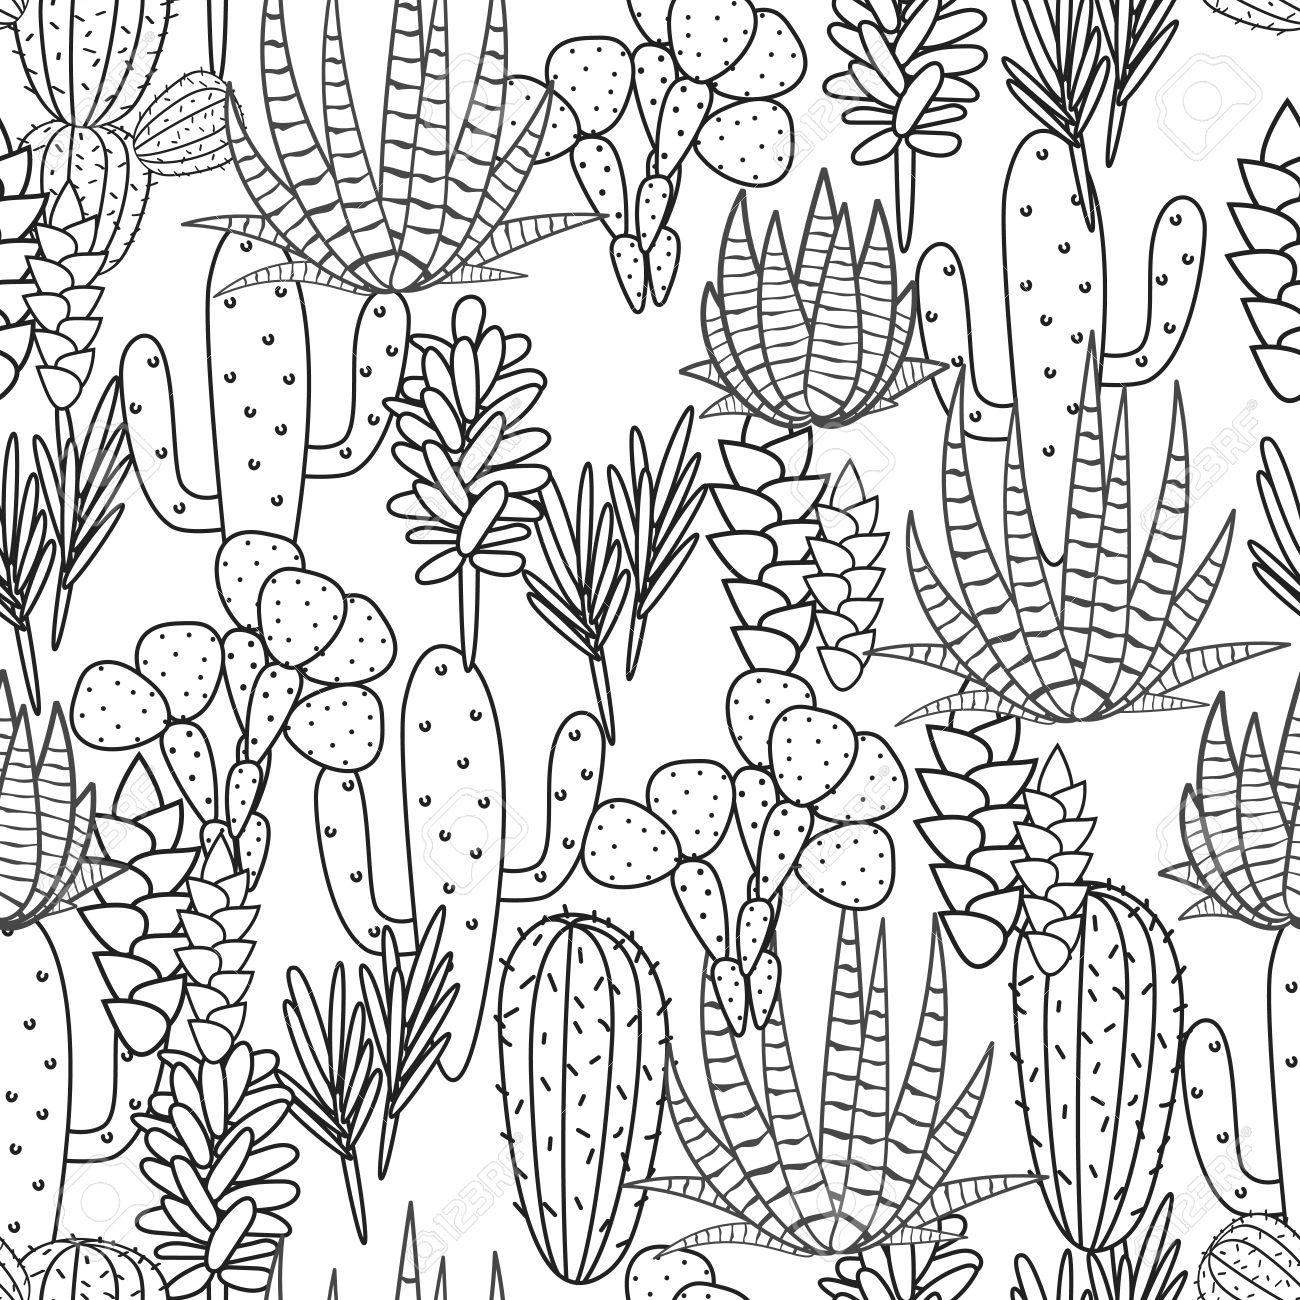 多肉植物サボテン植物ベクターのシームレスなパターン 植物の黒と白の